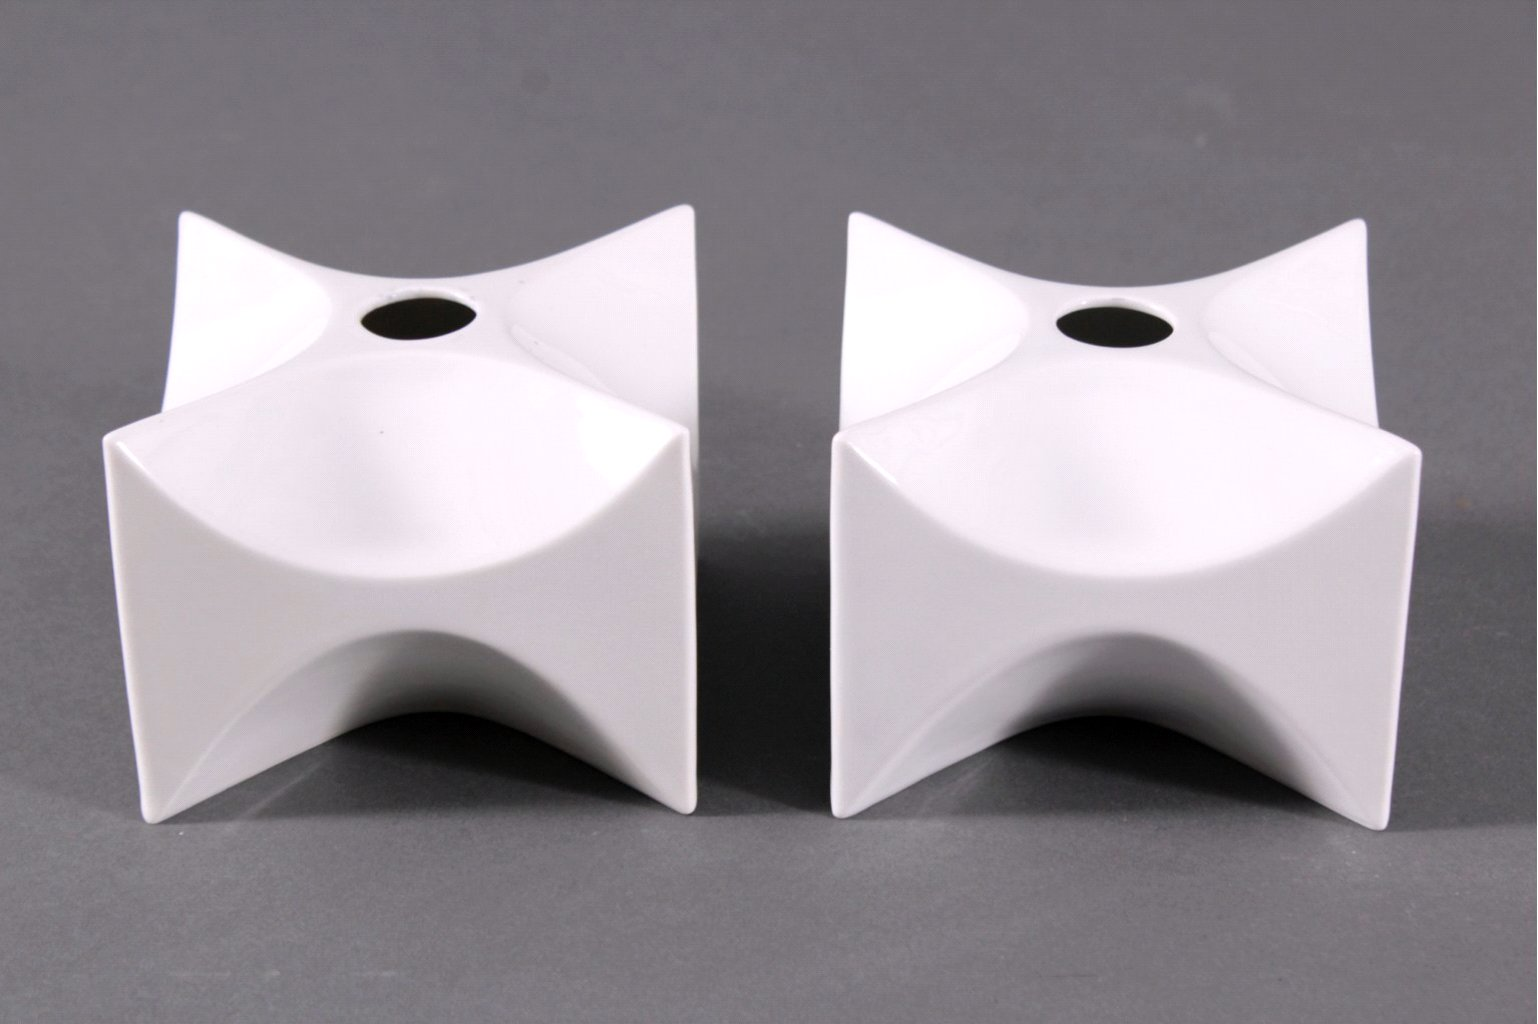 KPM Würfelvase/Leuchter, Design Quillmann